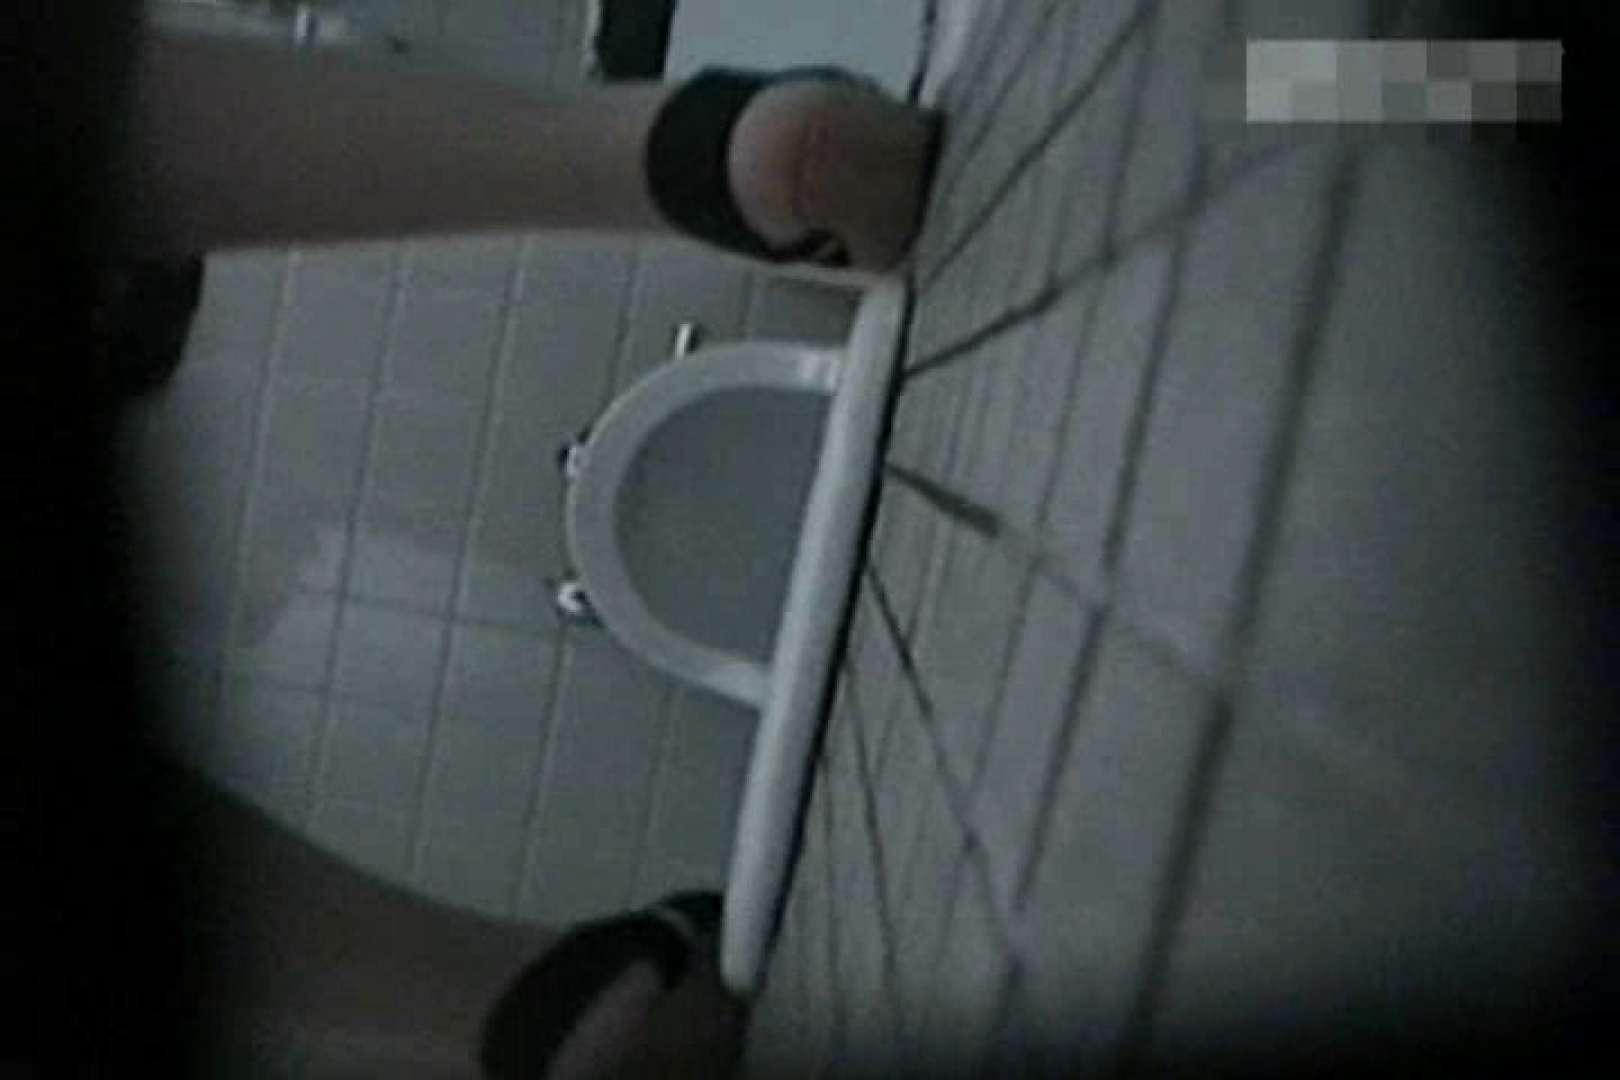 個室狂いのマニア映像Vol.2 エロティックなOL AV動画キャプチャ 105画像 37